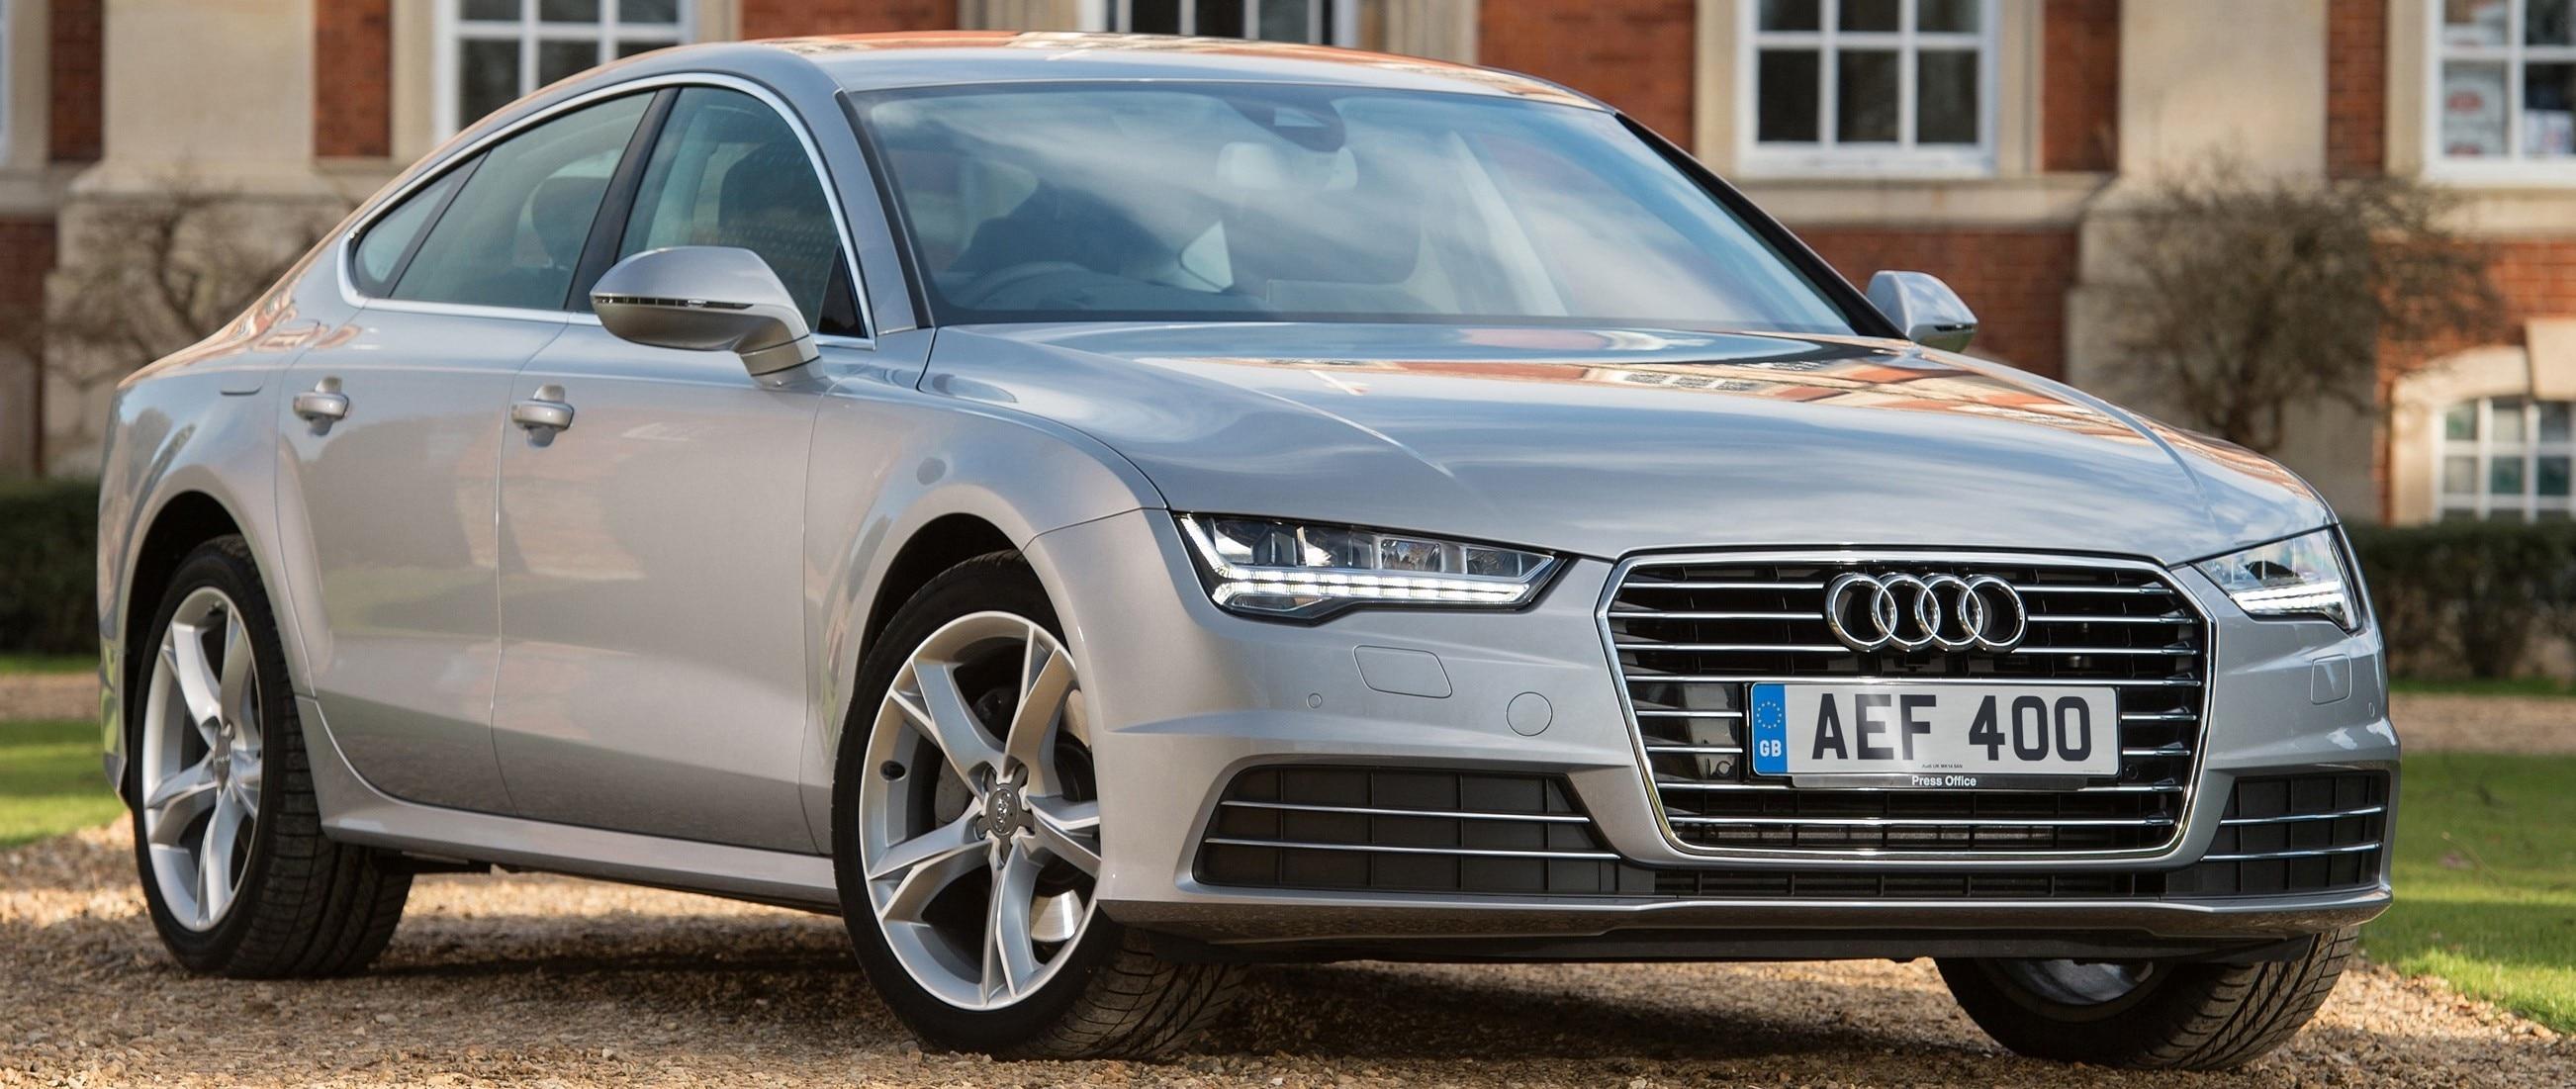 Audi A Review Motorscouk - Audi a7 review